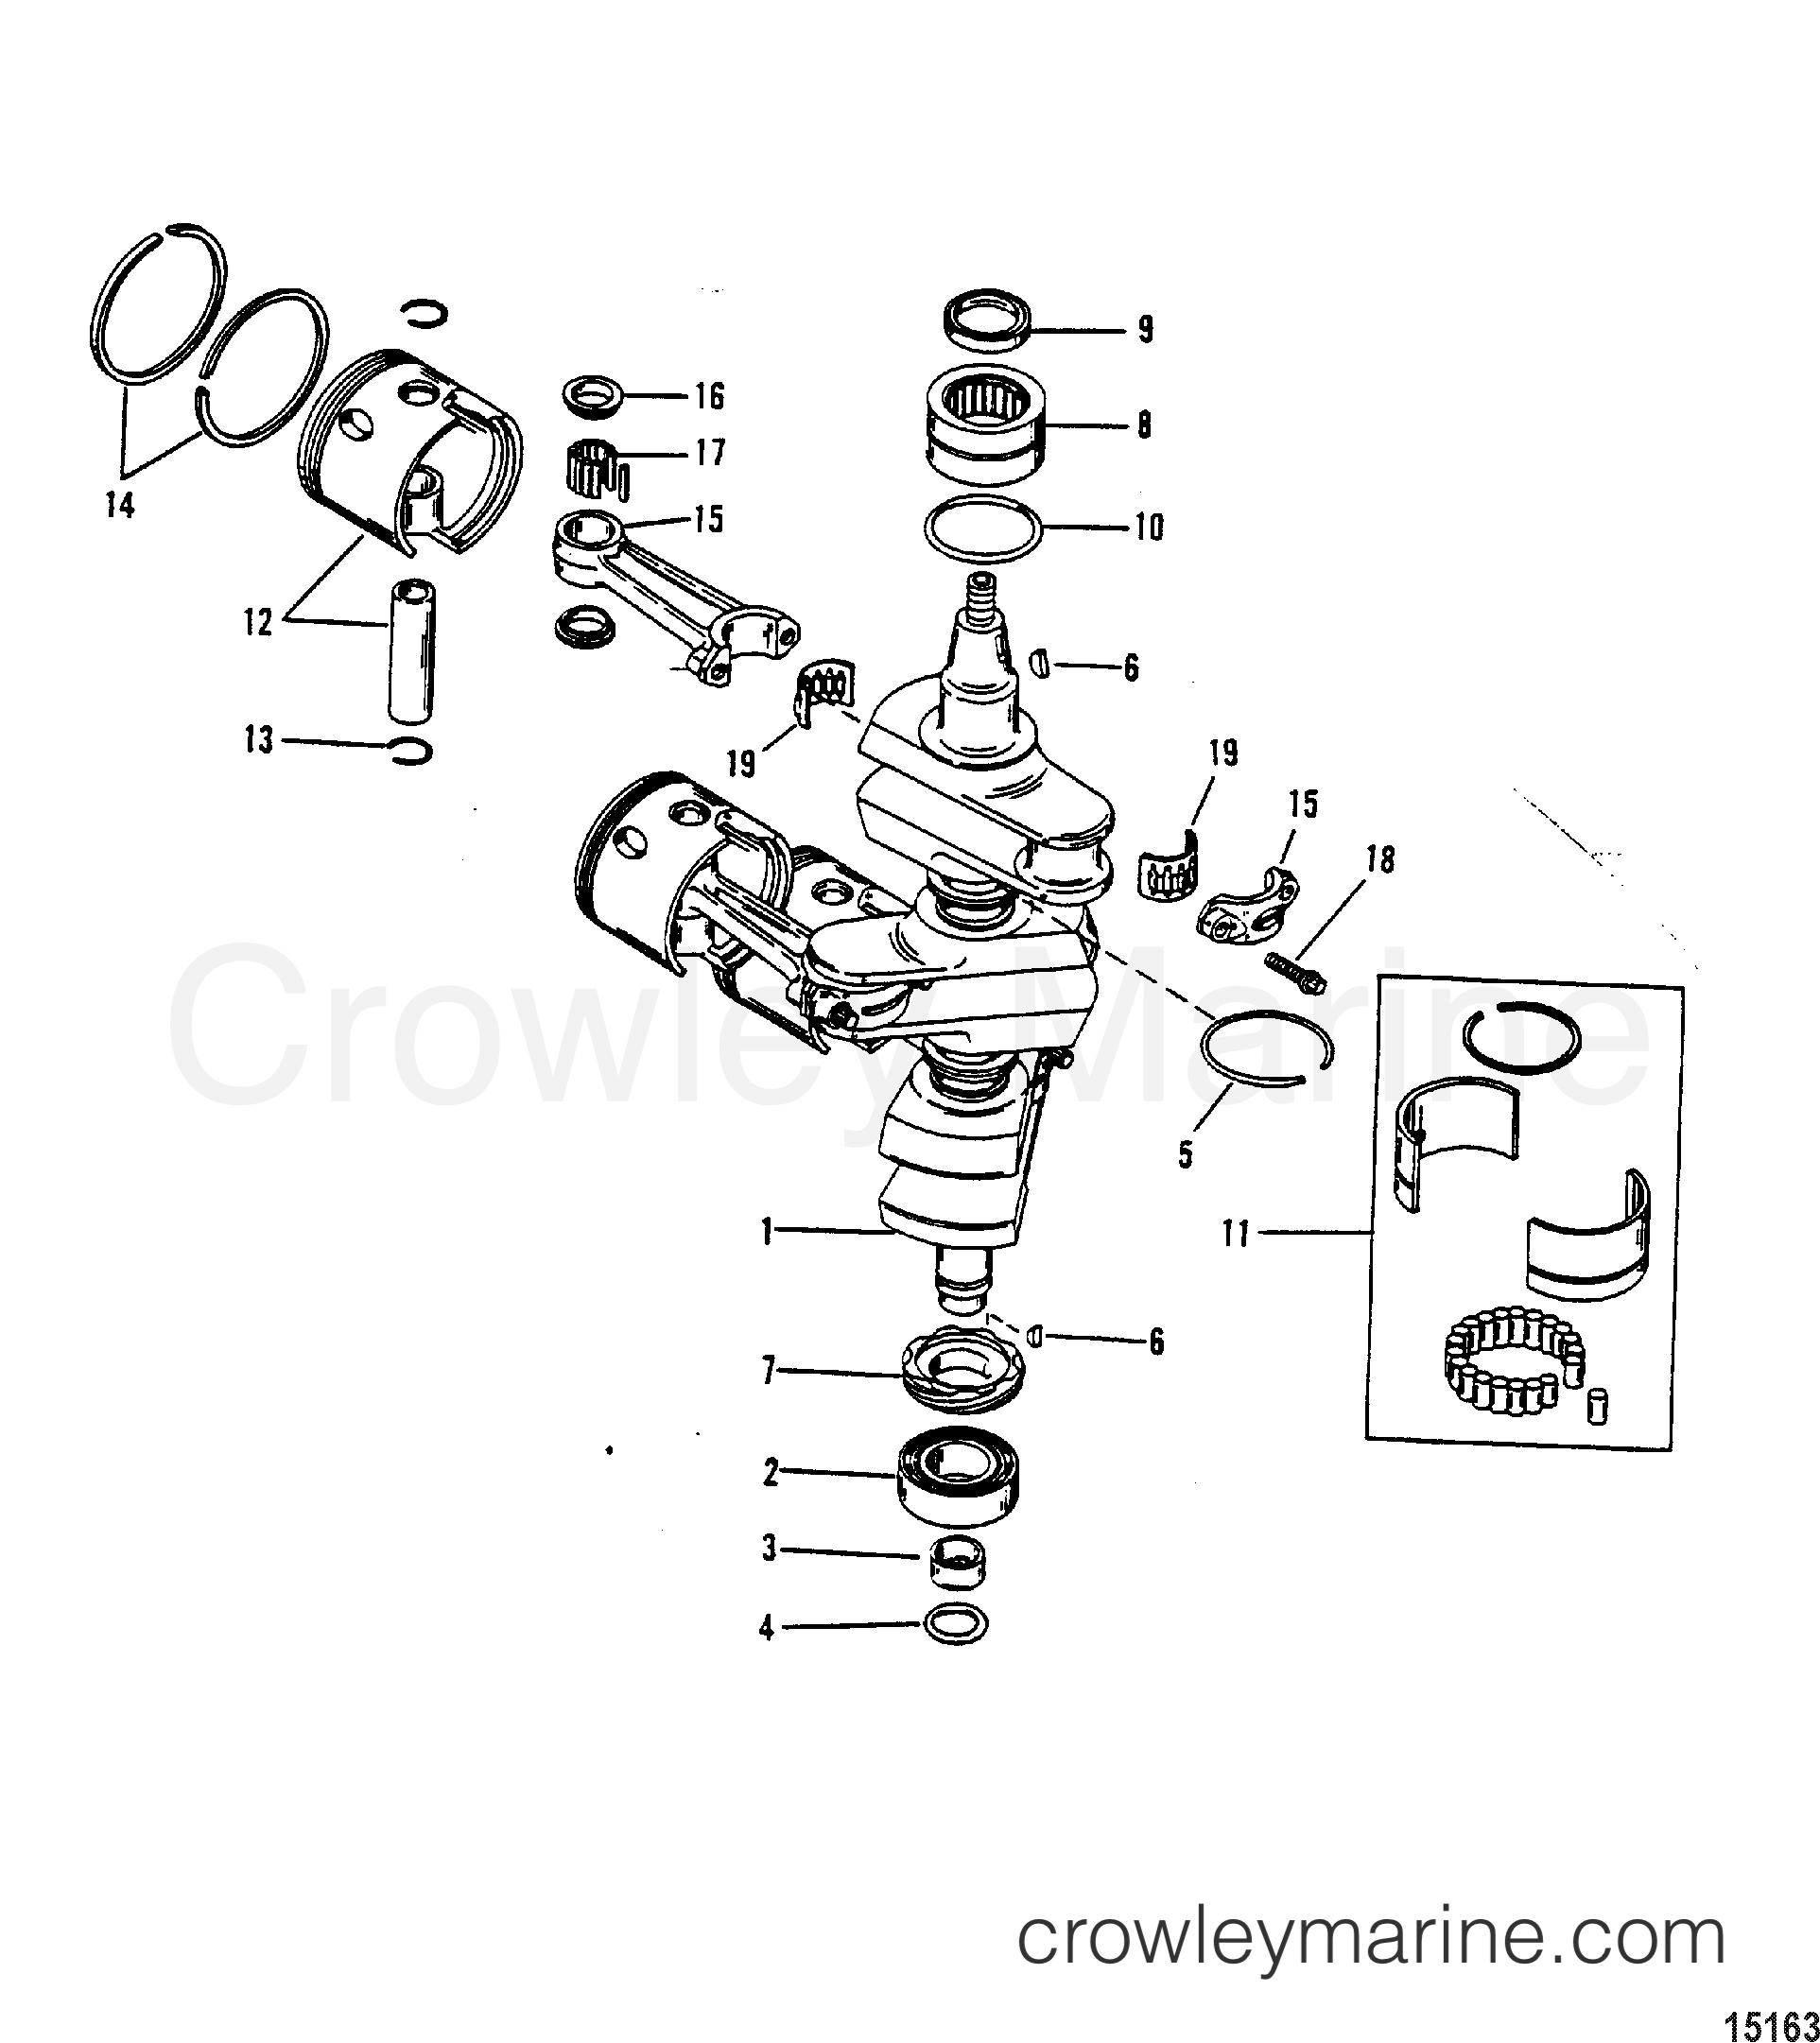 crankshaft pistons connecting rods 646 818846 1990. Black Bedroom Furniture Sets. Home Design Ideas